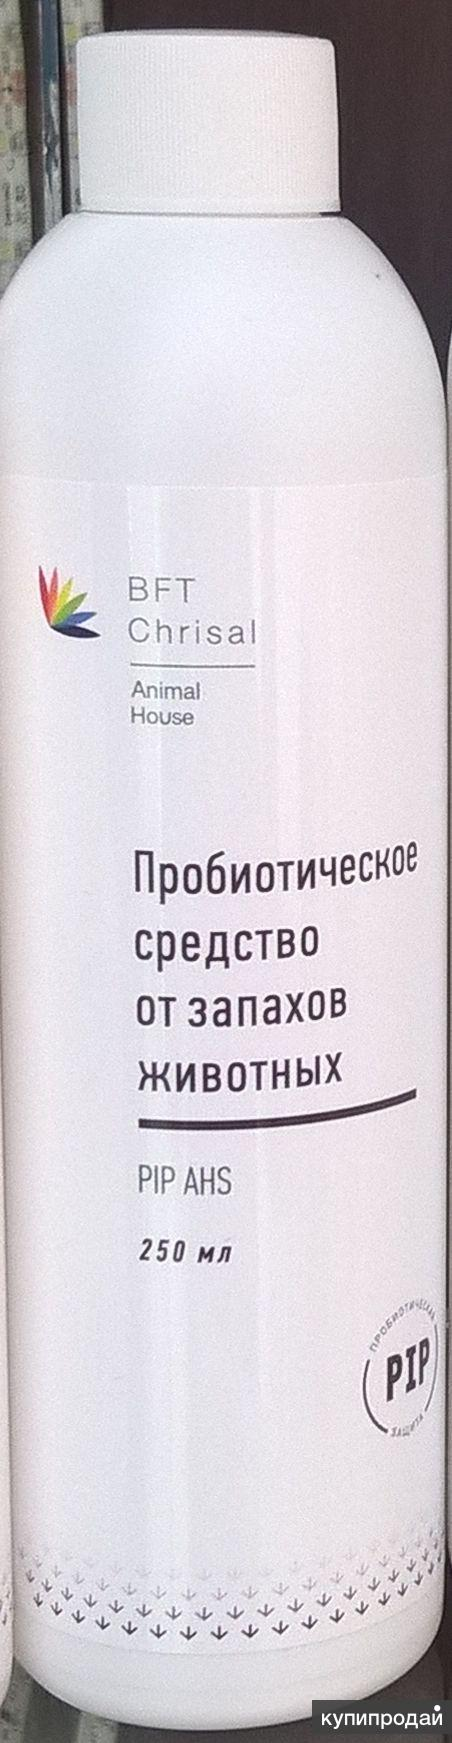 Пробиотические средства от запахов животных